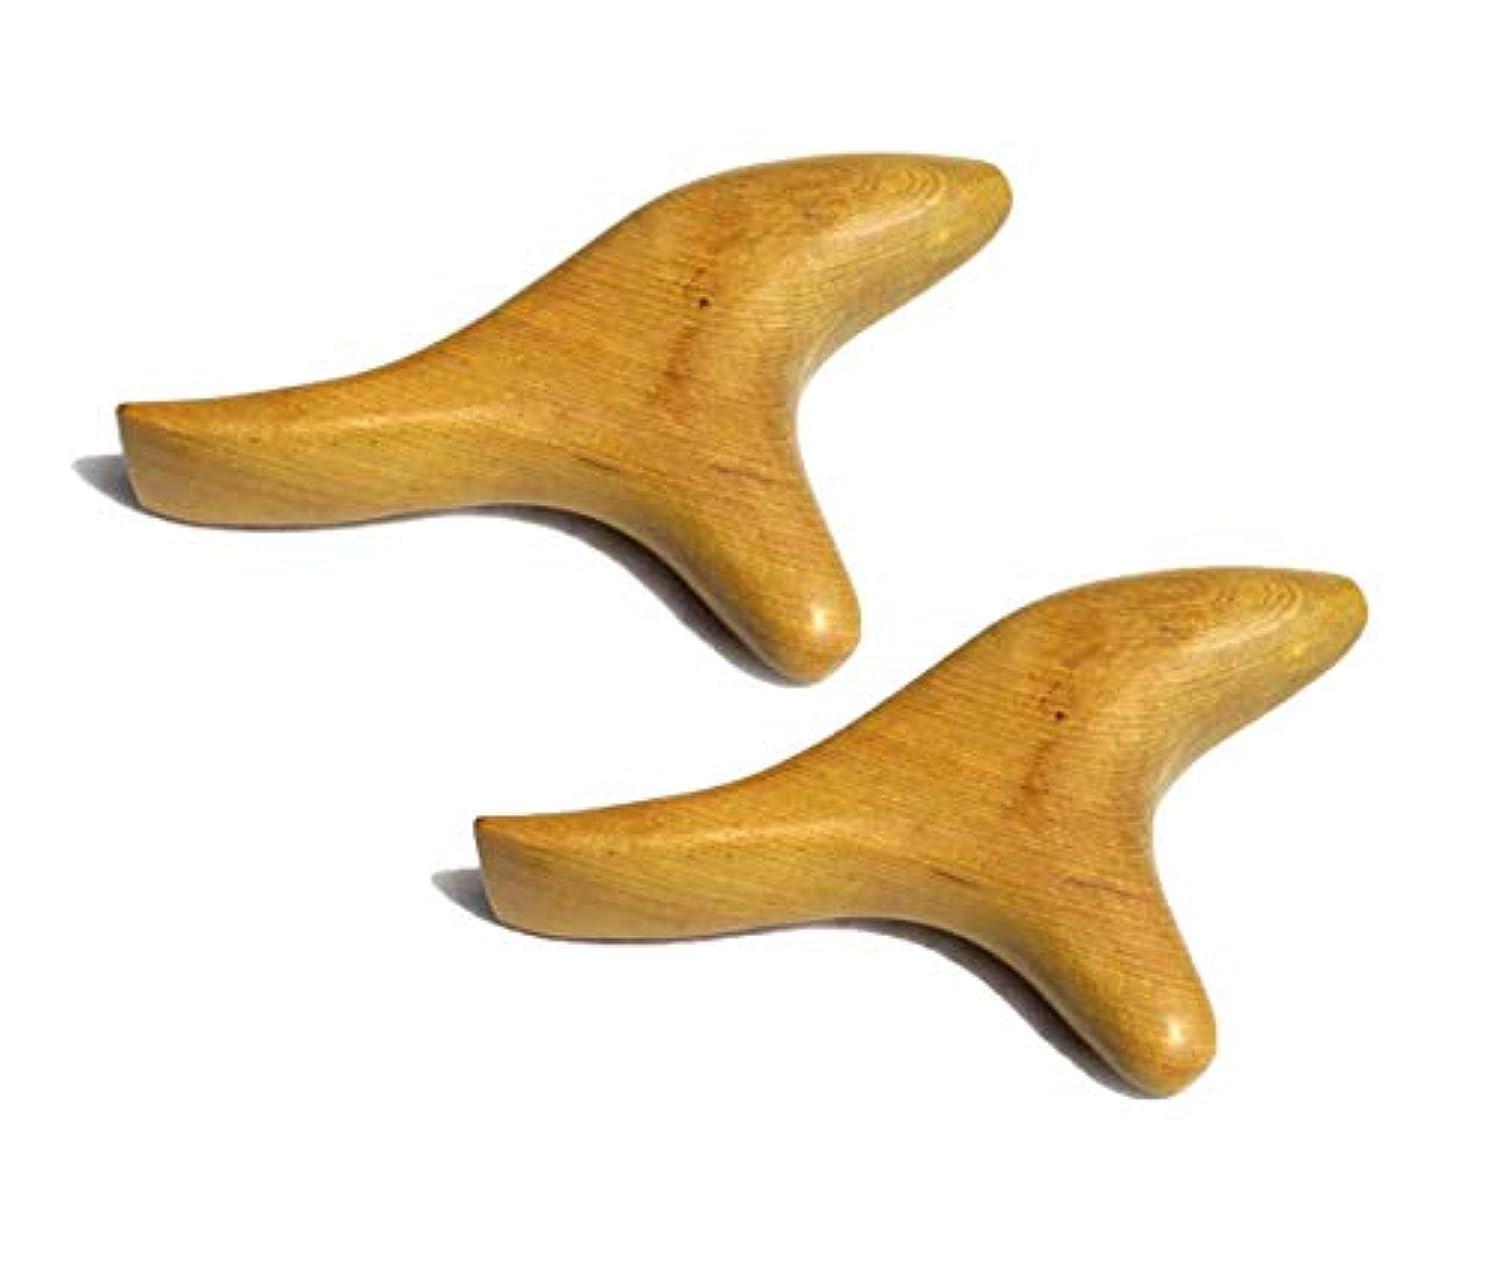 発見する最小化するサンプルTrueland ツボ押し棒 天然木マッサージ棒 肩こり?首こり解消 足裏?足ツボ押しグッズ(ウッドマッサージ棒2個)